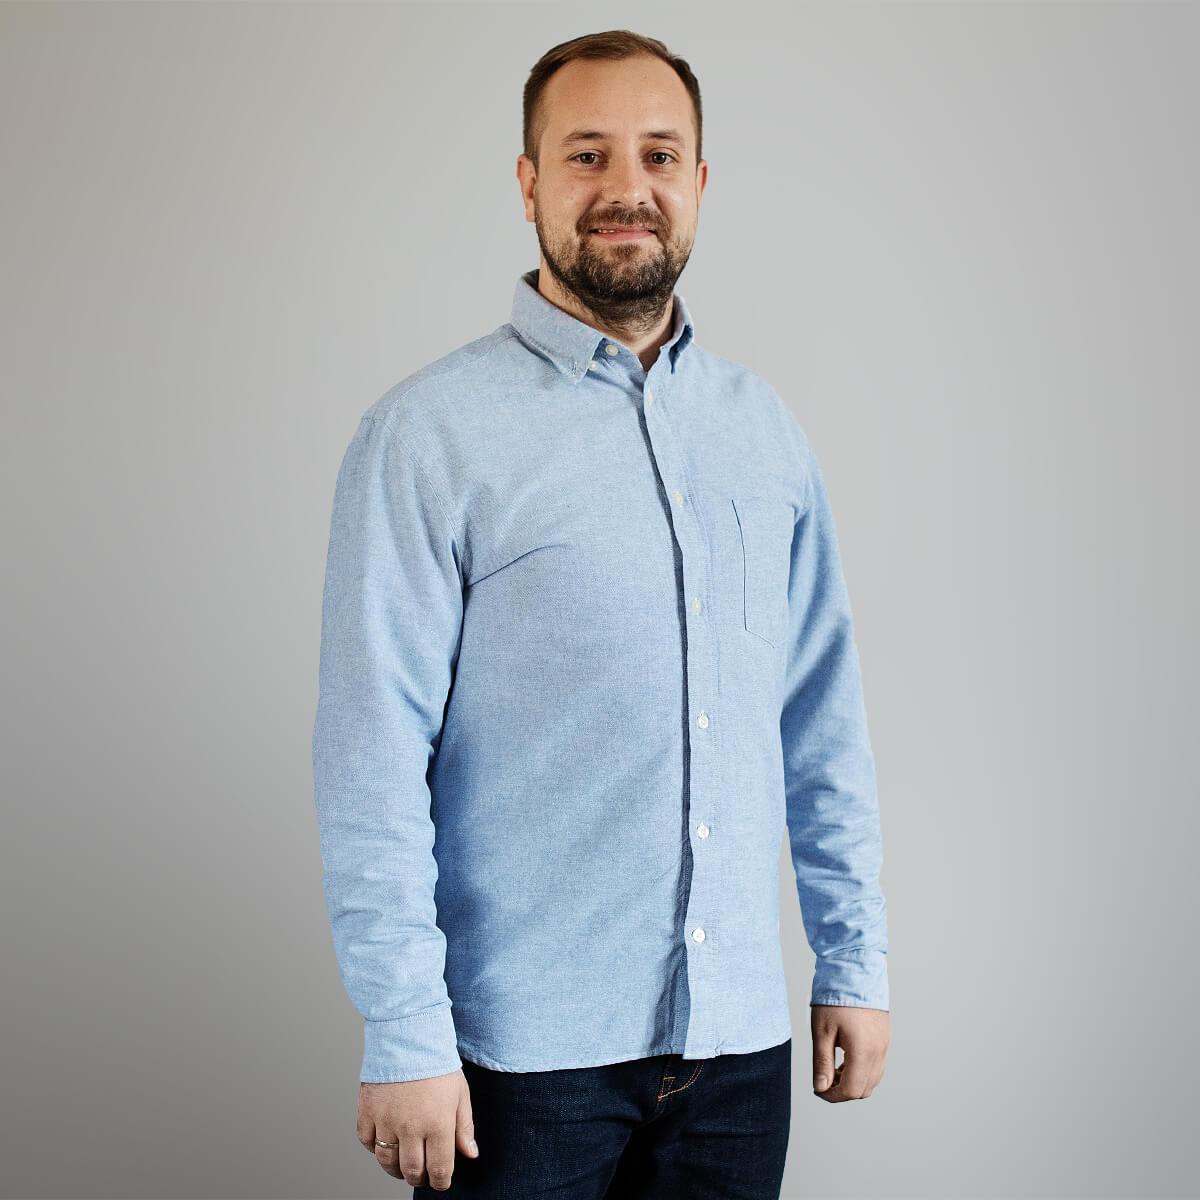 Sergiusz Zielonka